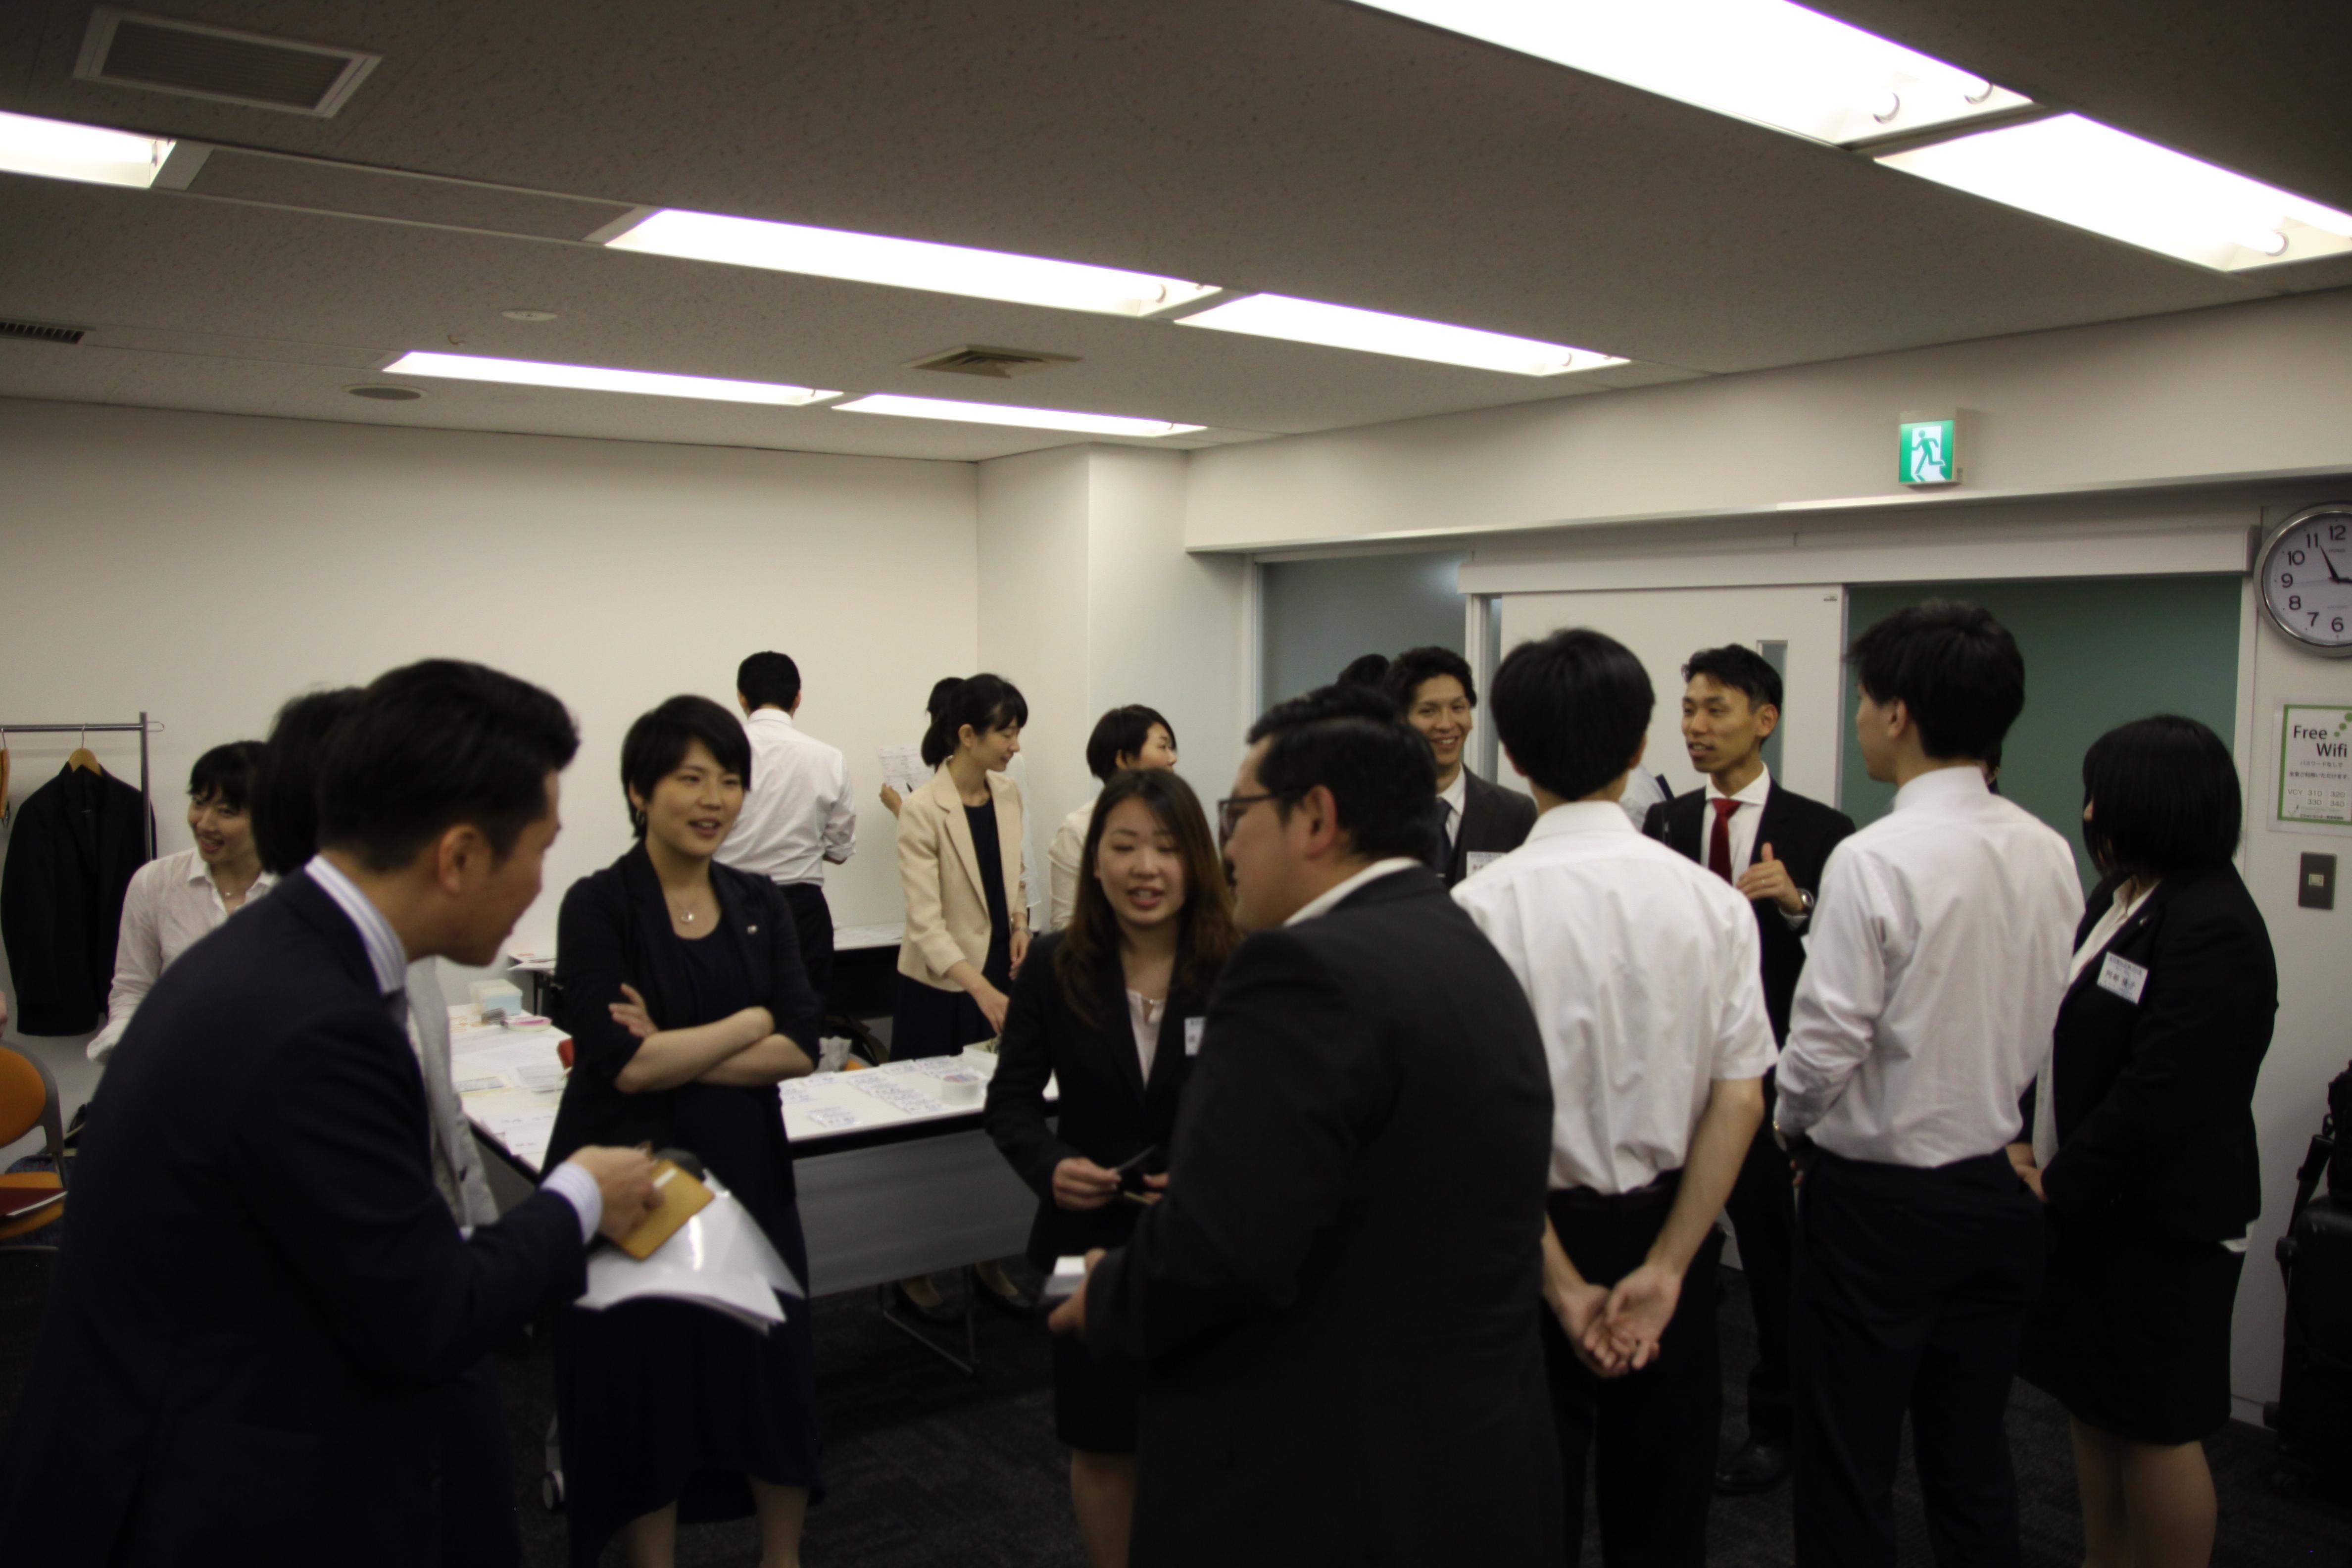 IMG 4475 - 関東若獅子の会、記念すべき第100回